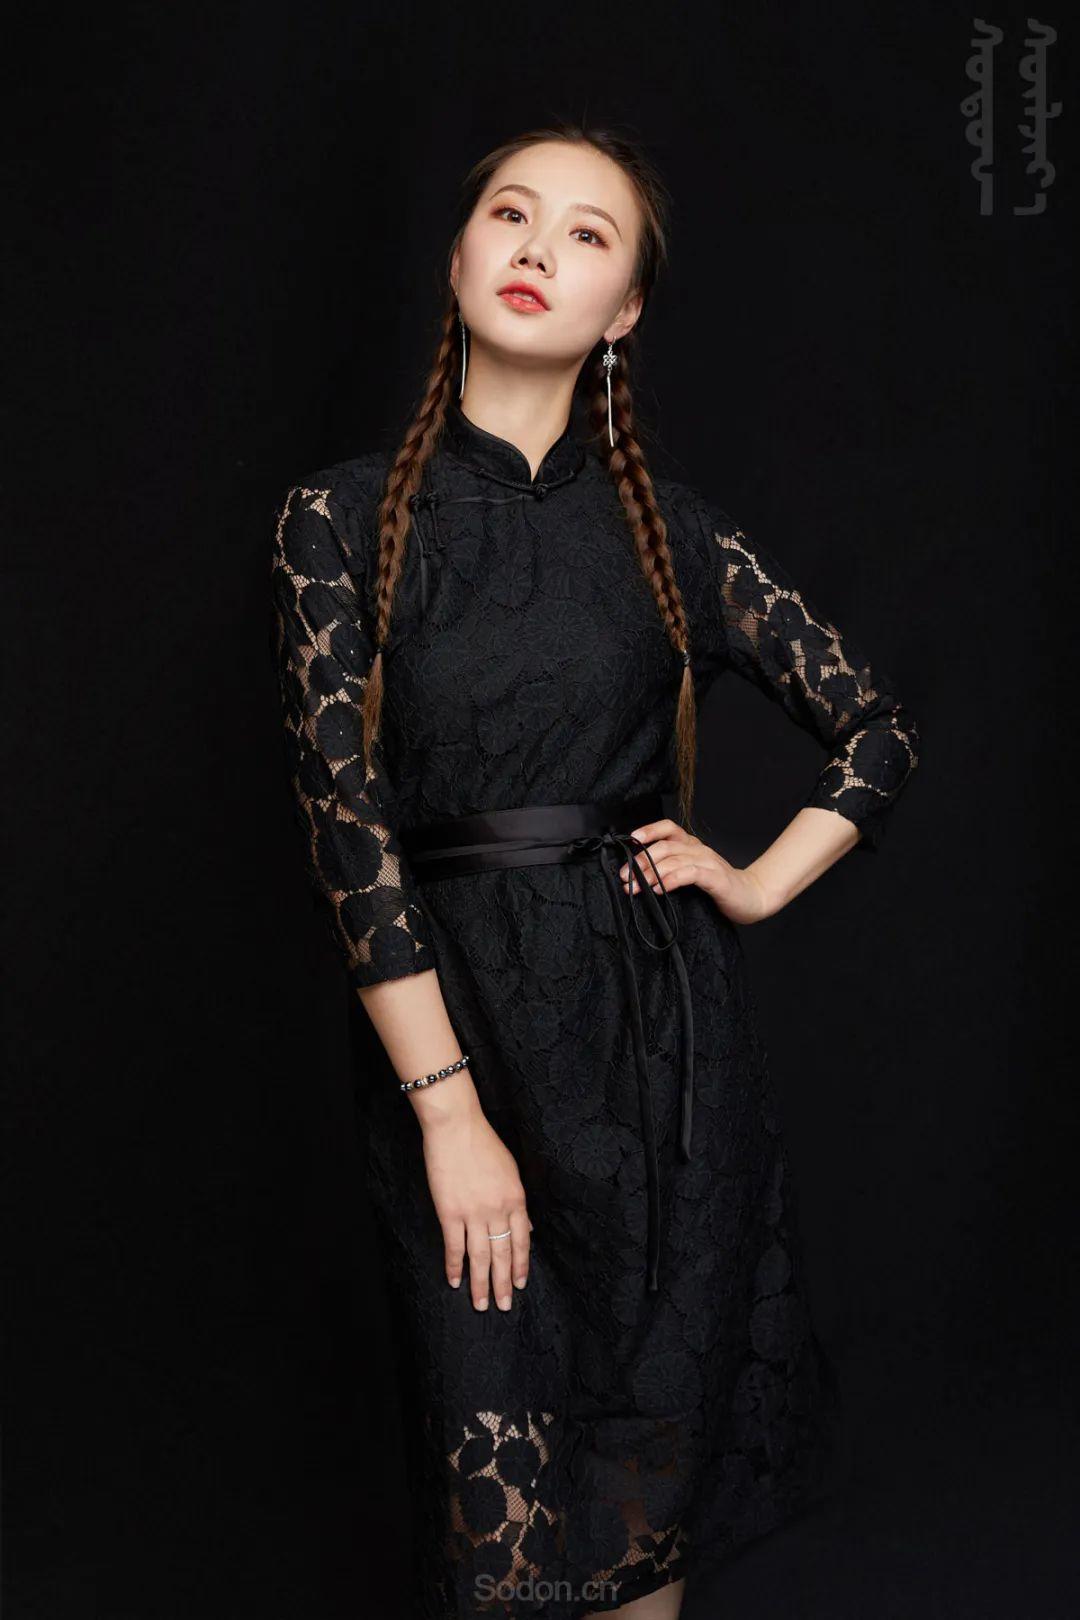 DOMOG蒙古时装2020新款夏季连衣裙首发,618钜惠七折! 第17张